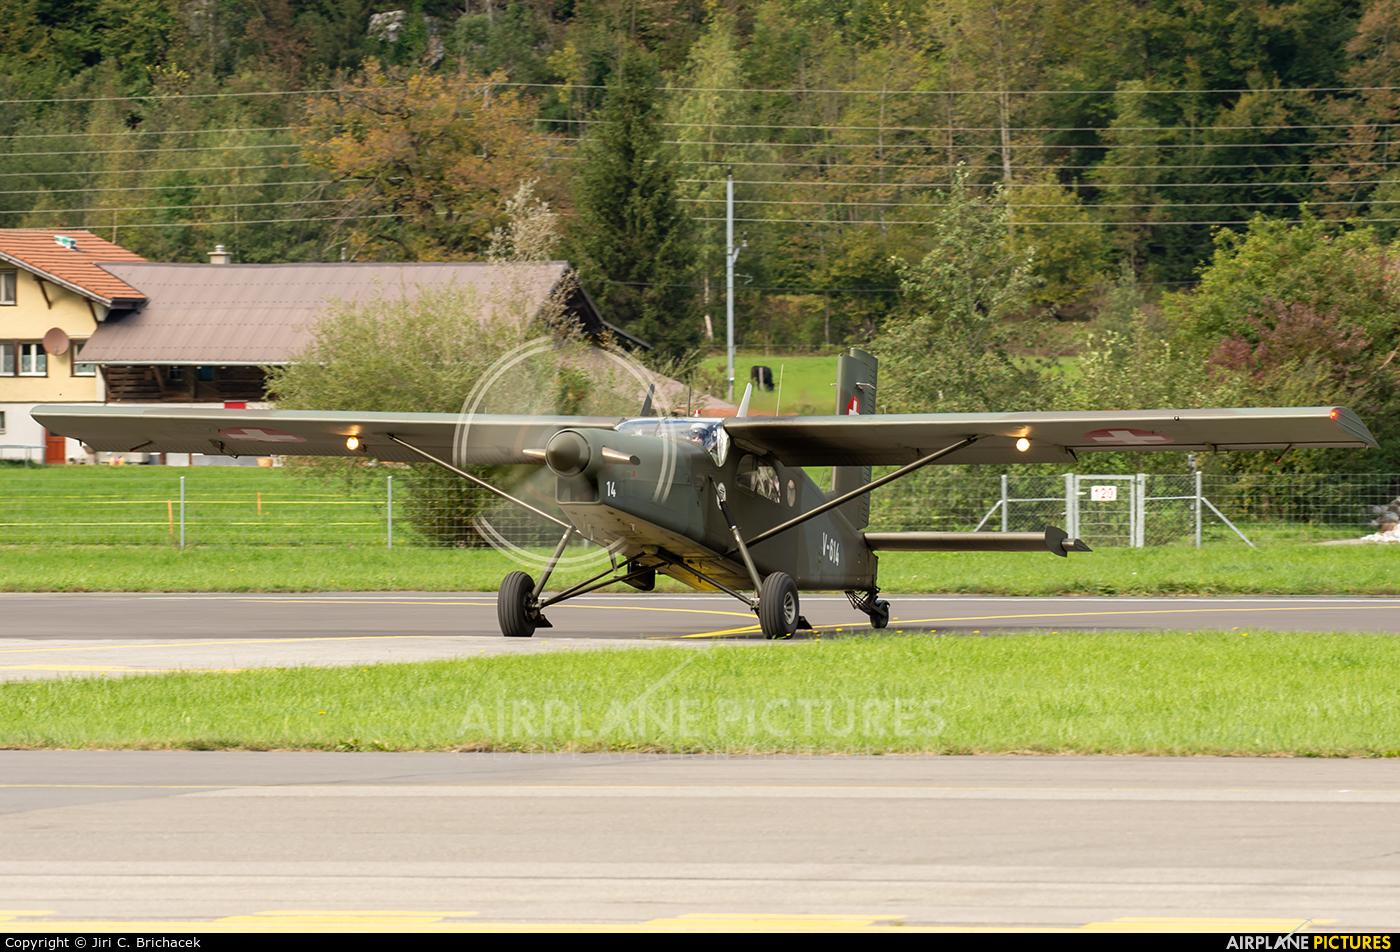 Switzerland - Air Force V-614 aircraft at Meiringen